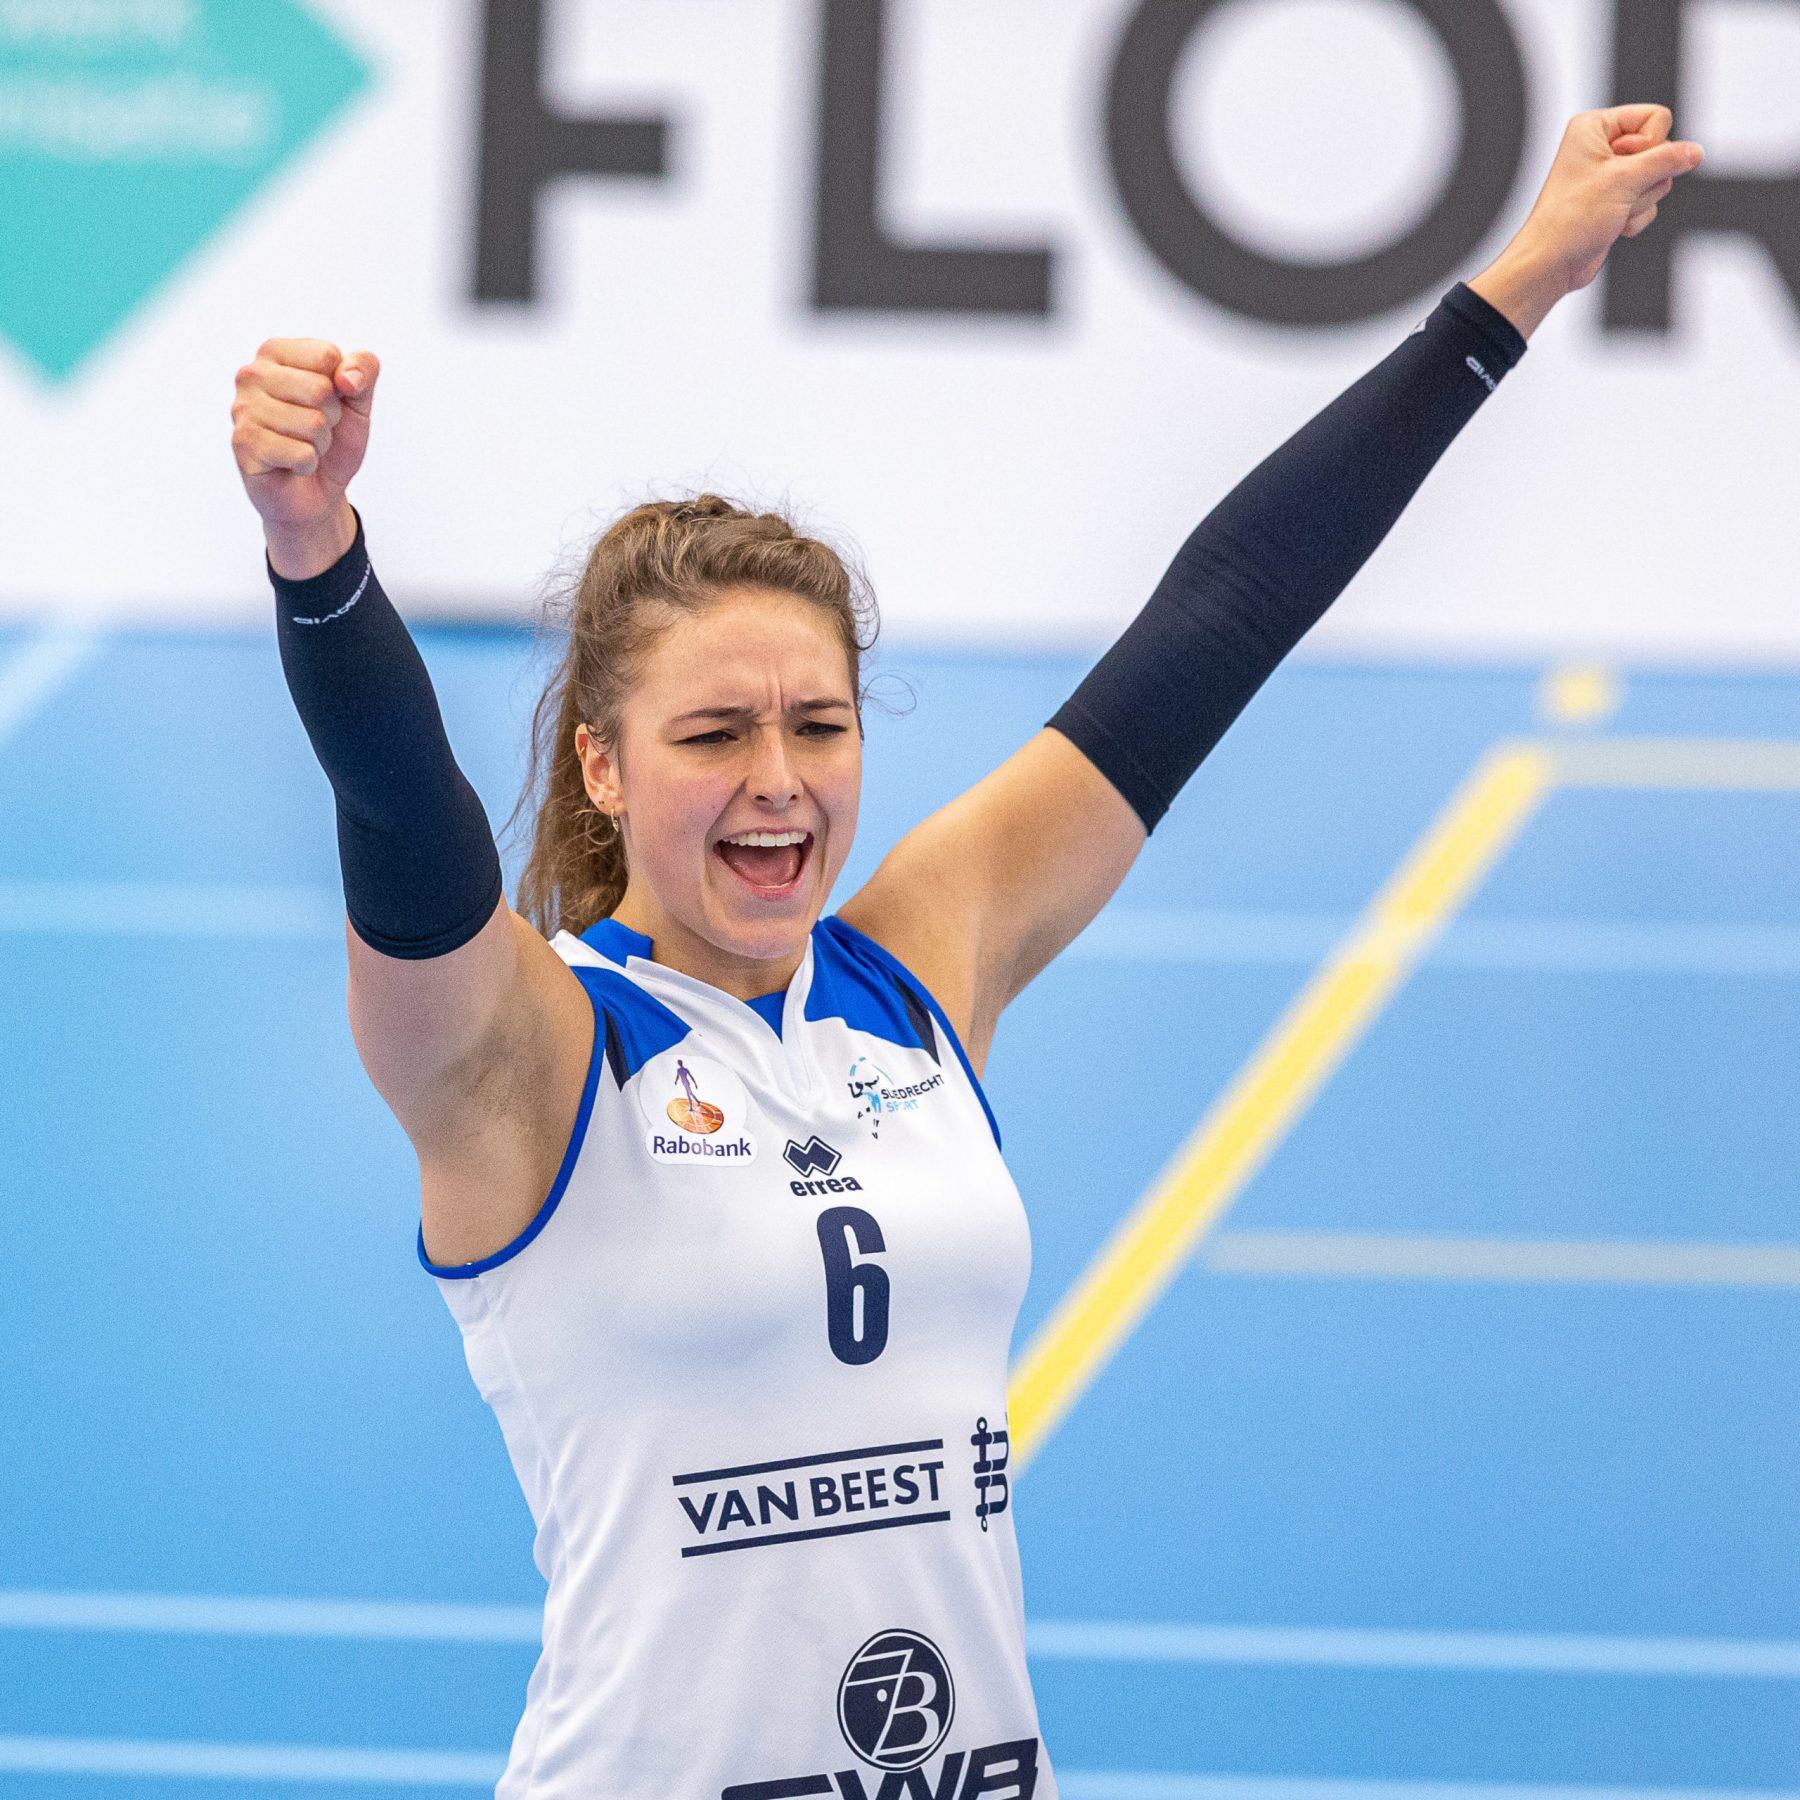 Fraaie winst D1 tegen Zwolle